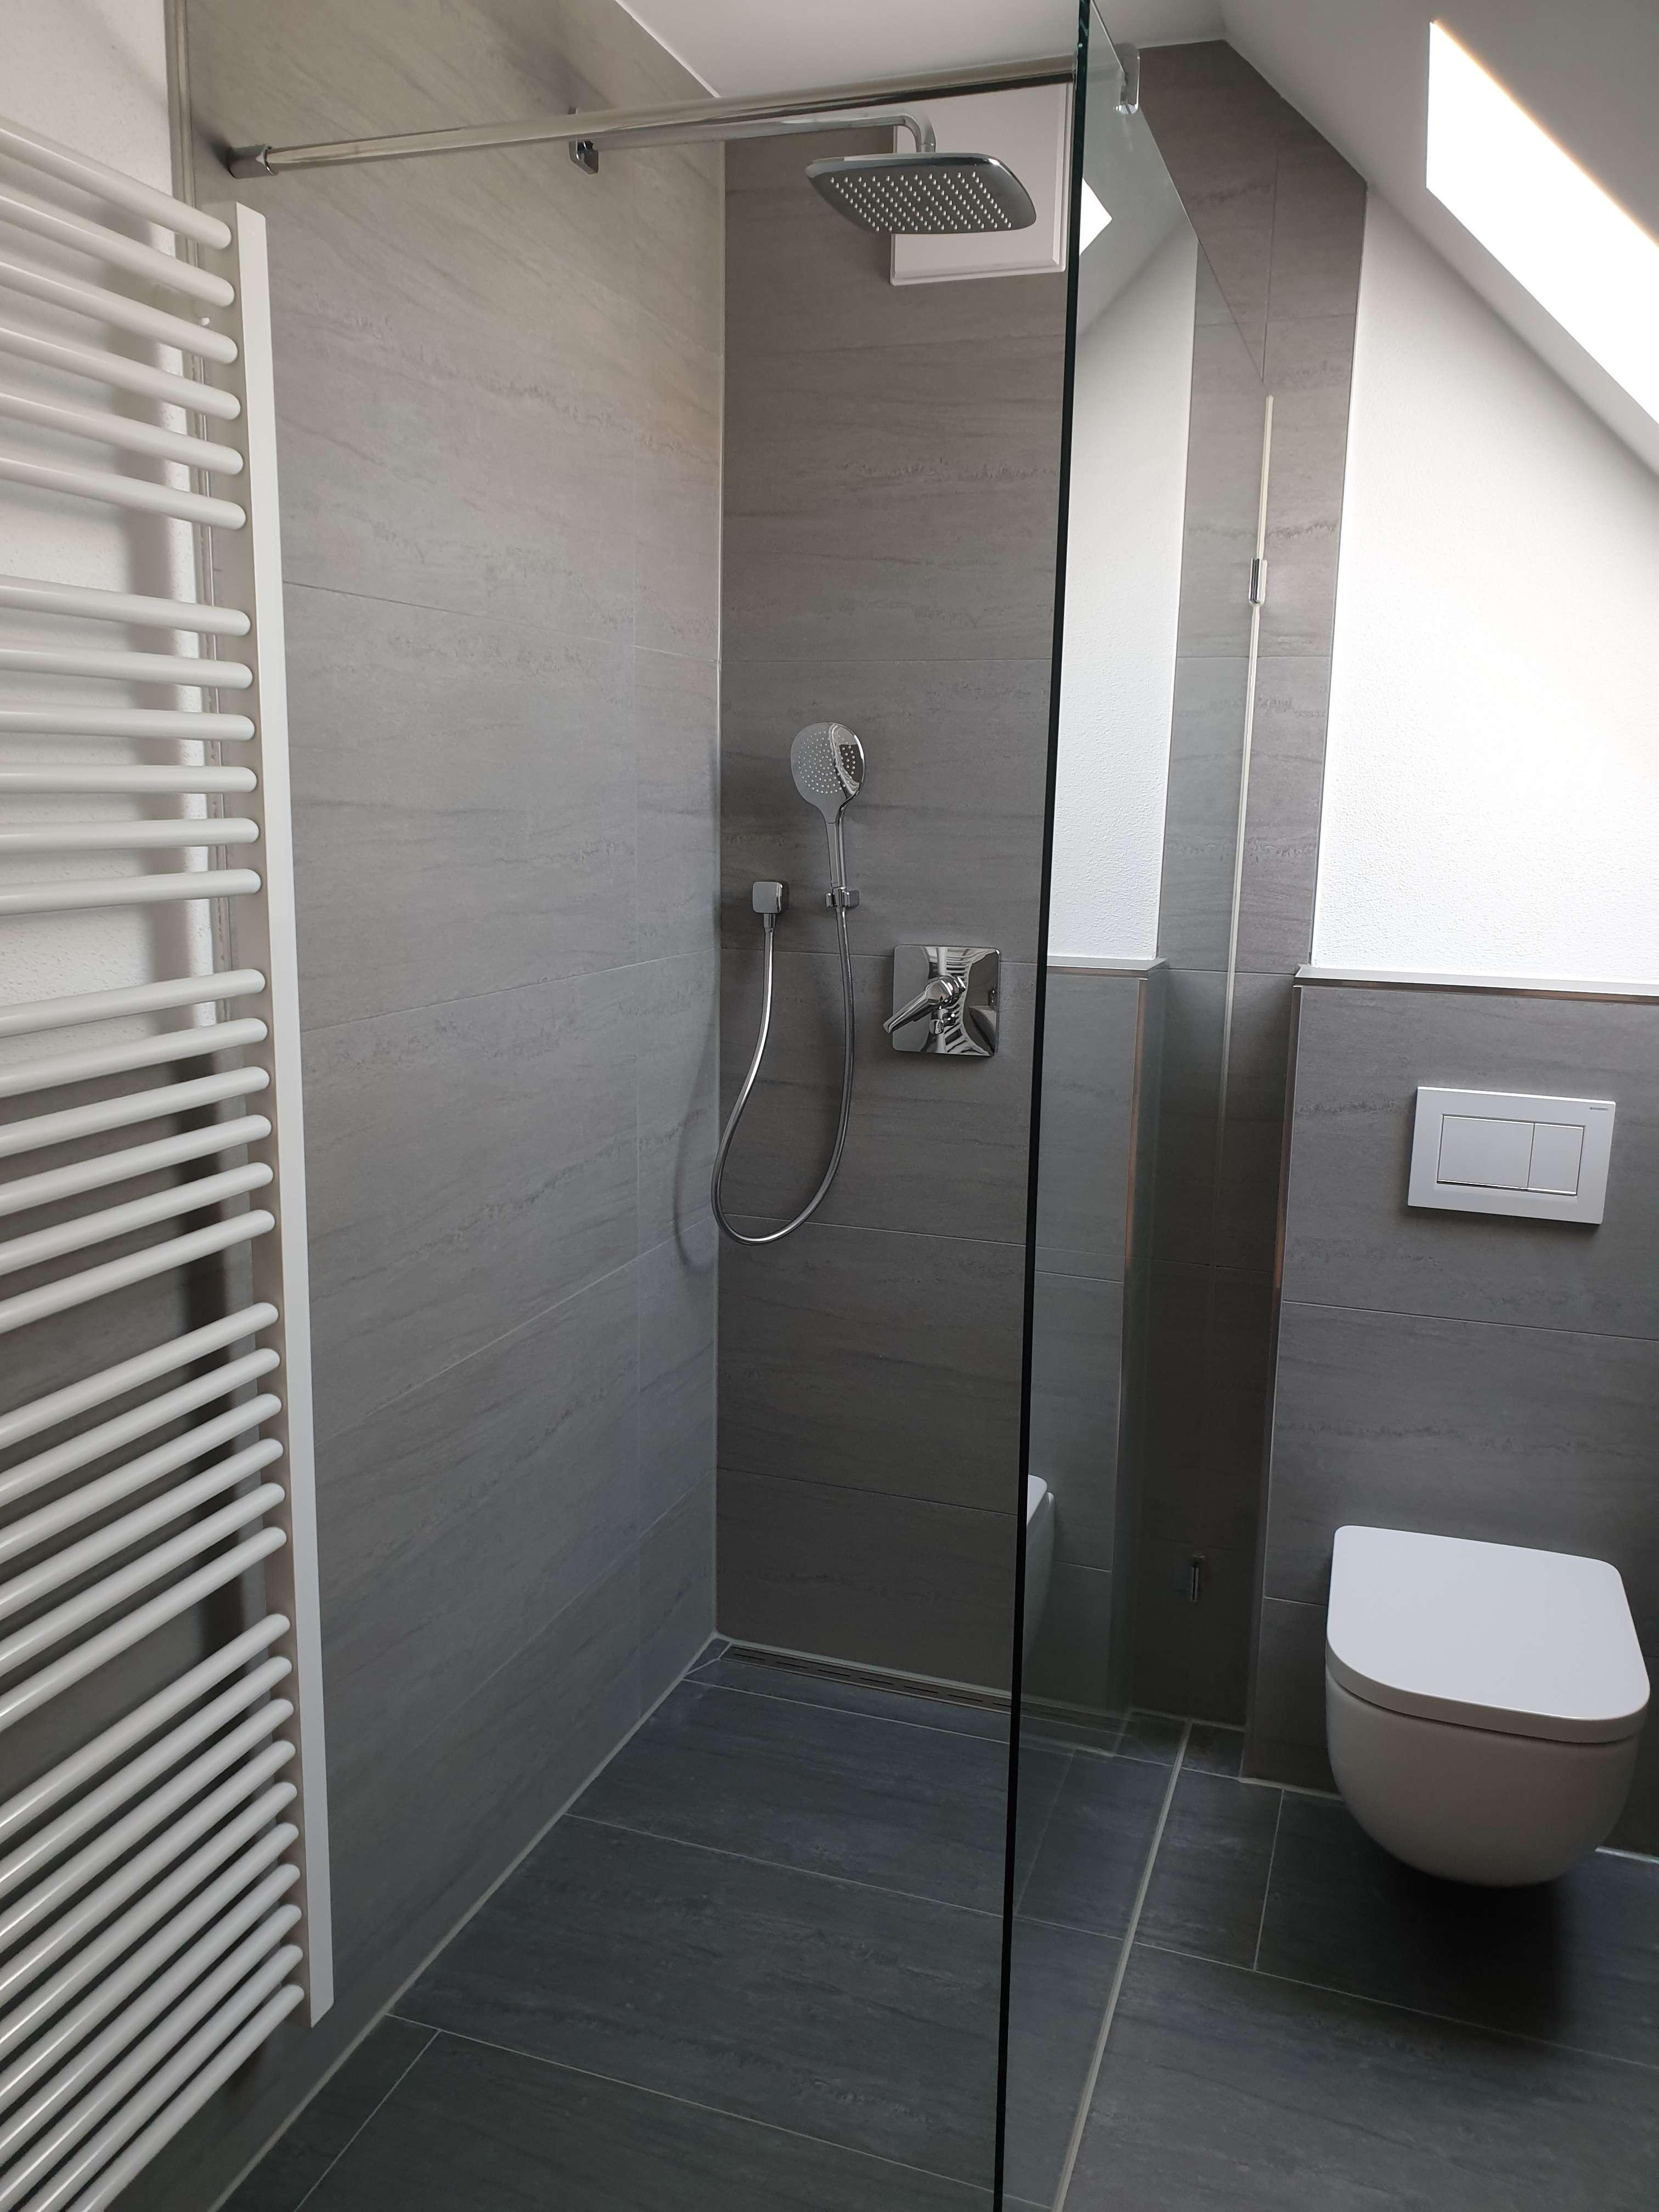 Vollständig renovierte 3-Zimmer-DG-Wohnung mit EBK in Reichertshofen in